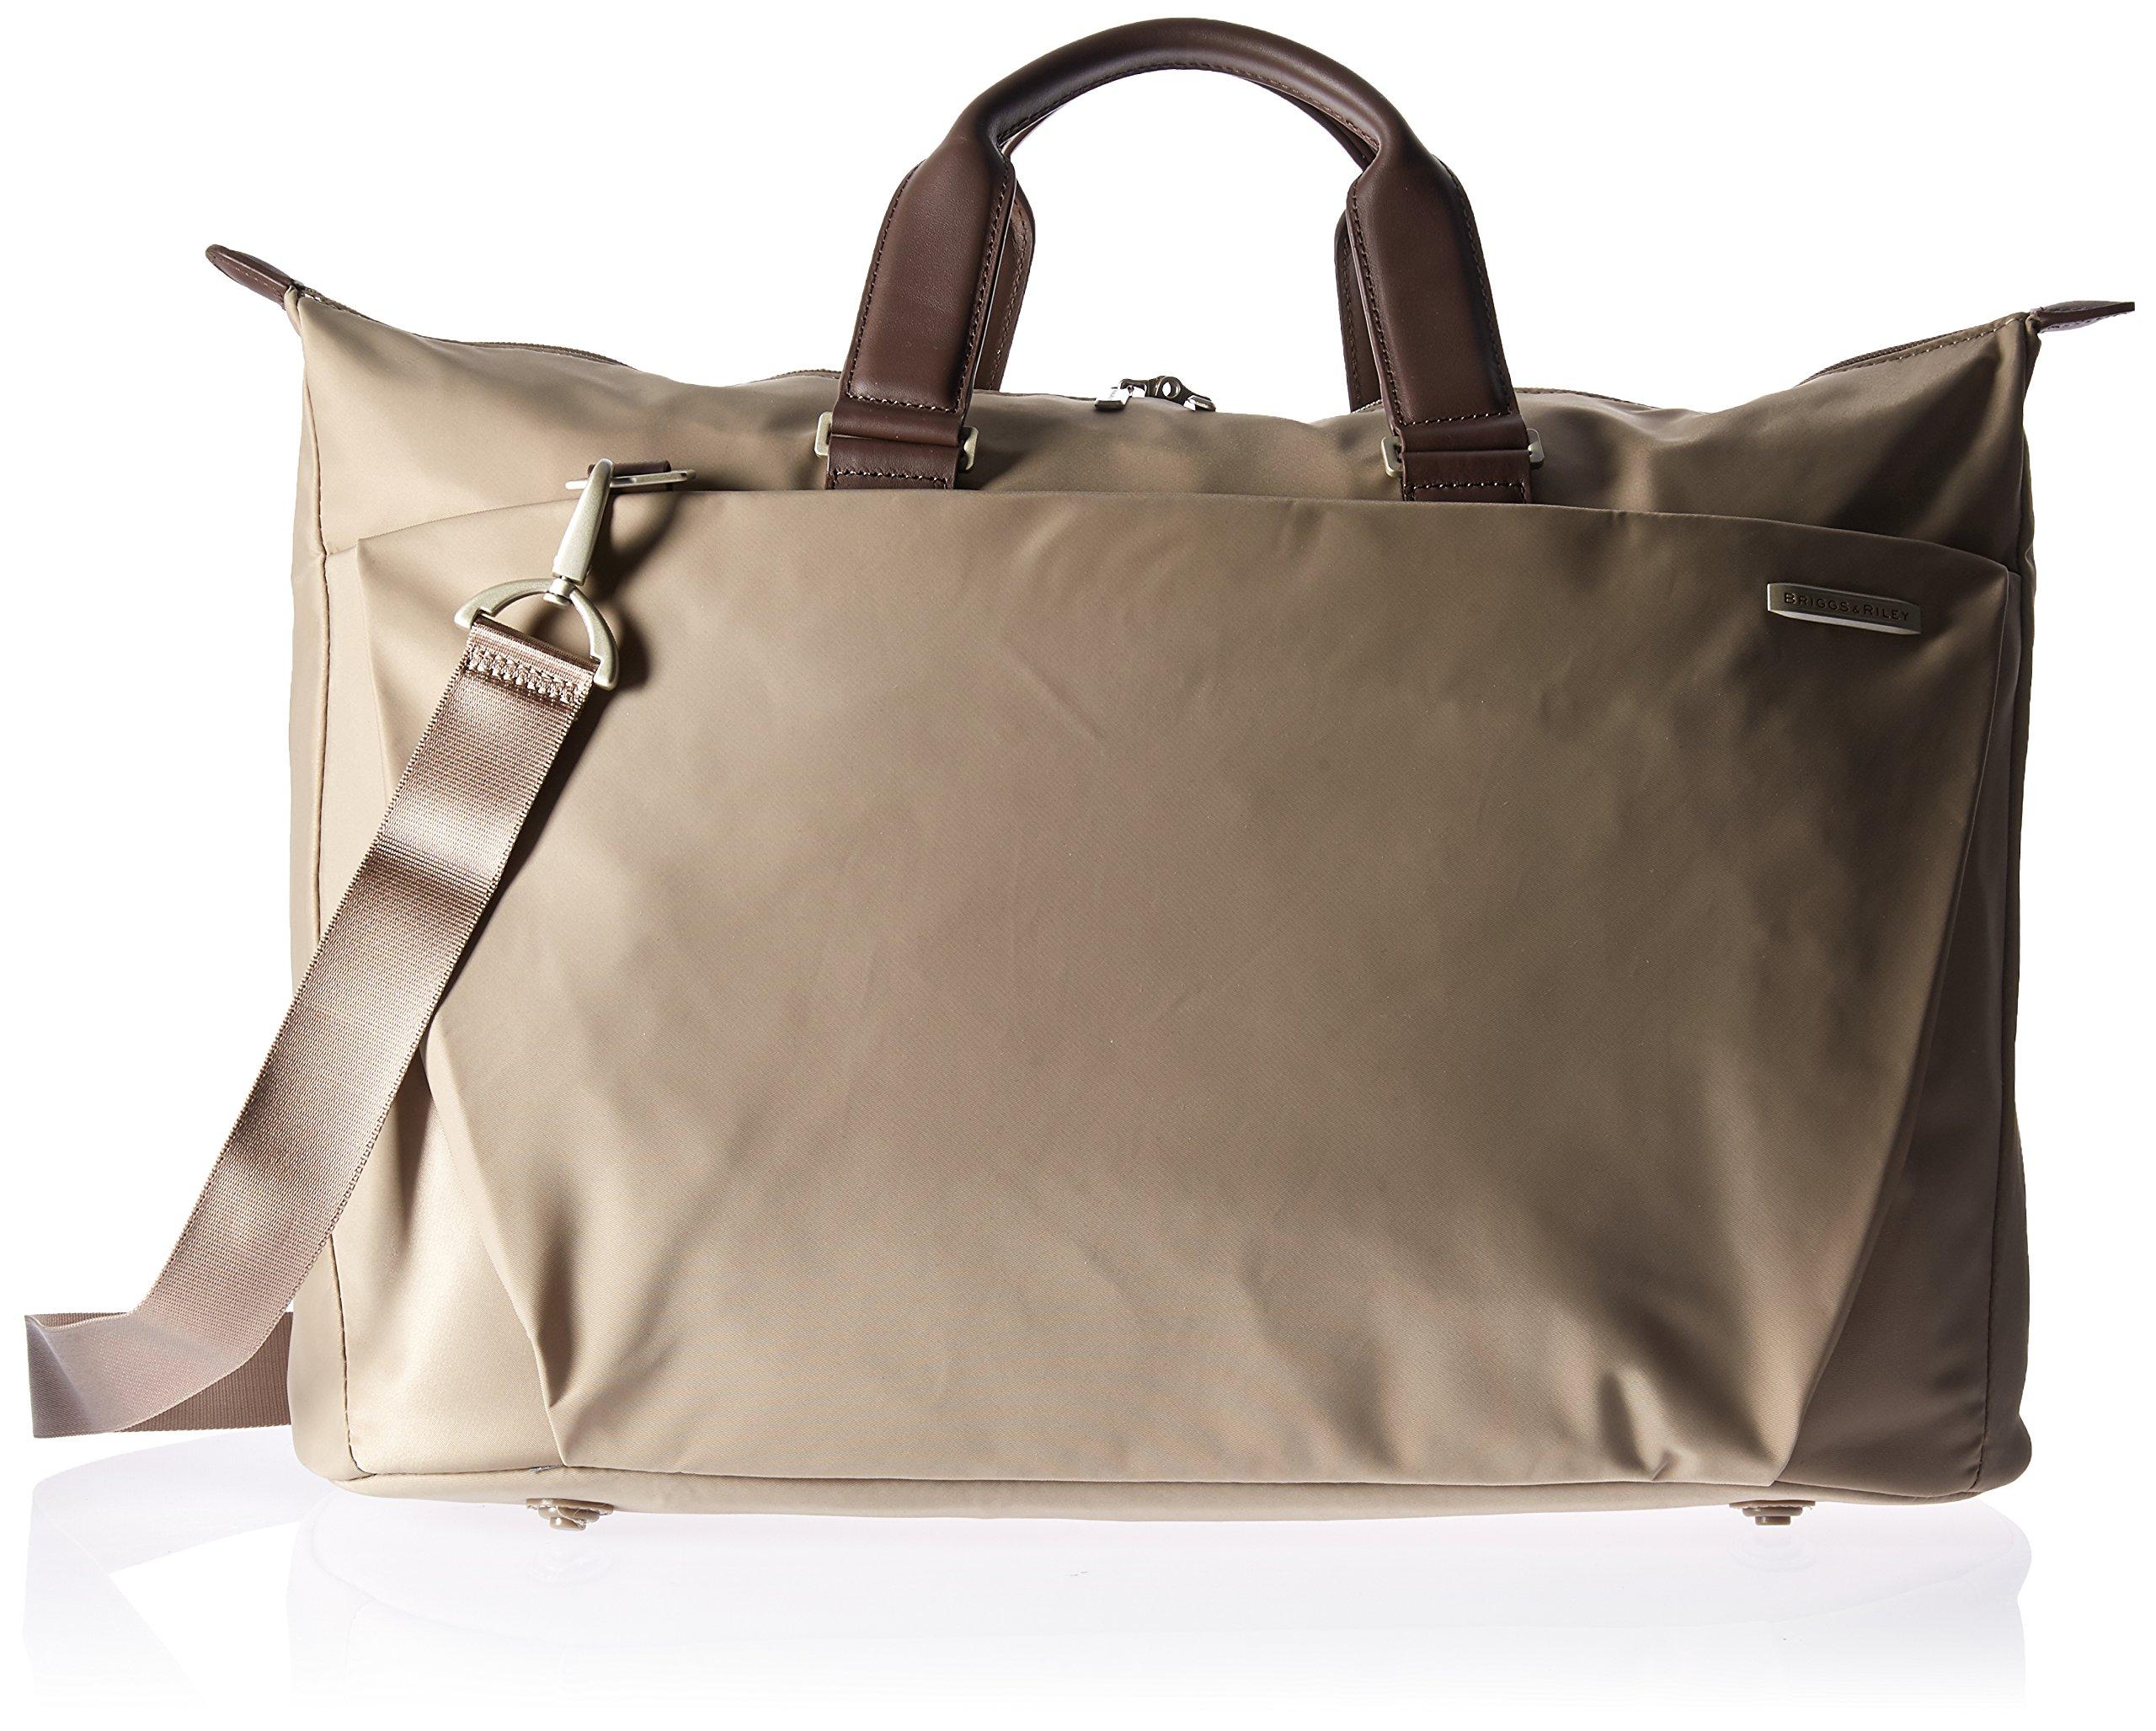 Briggs & Riley Sympatico Weekender Duffel Bag, Caramel, One Size